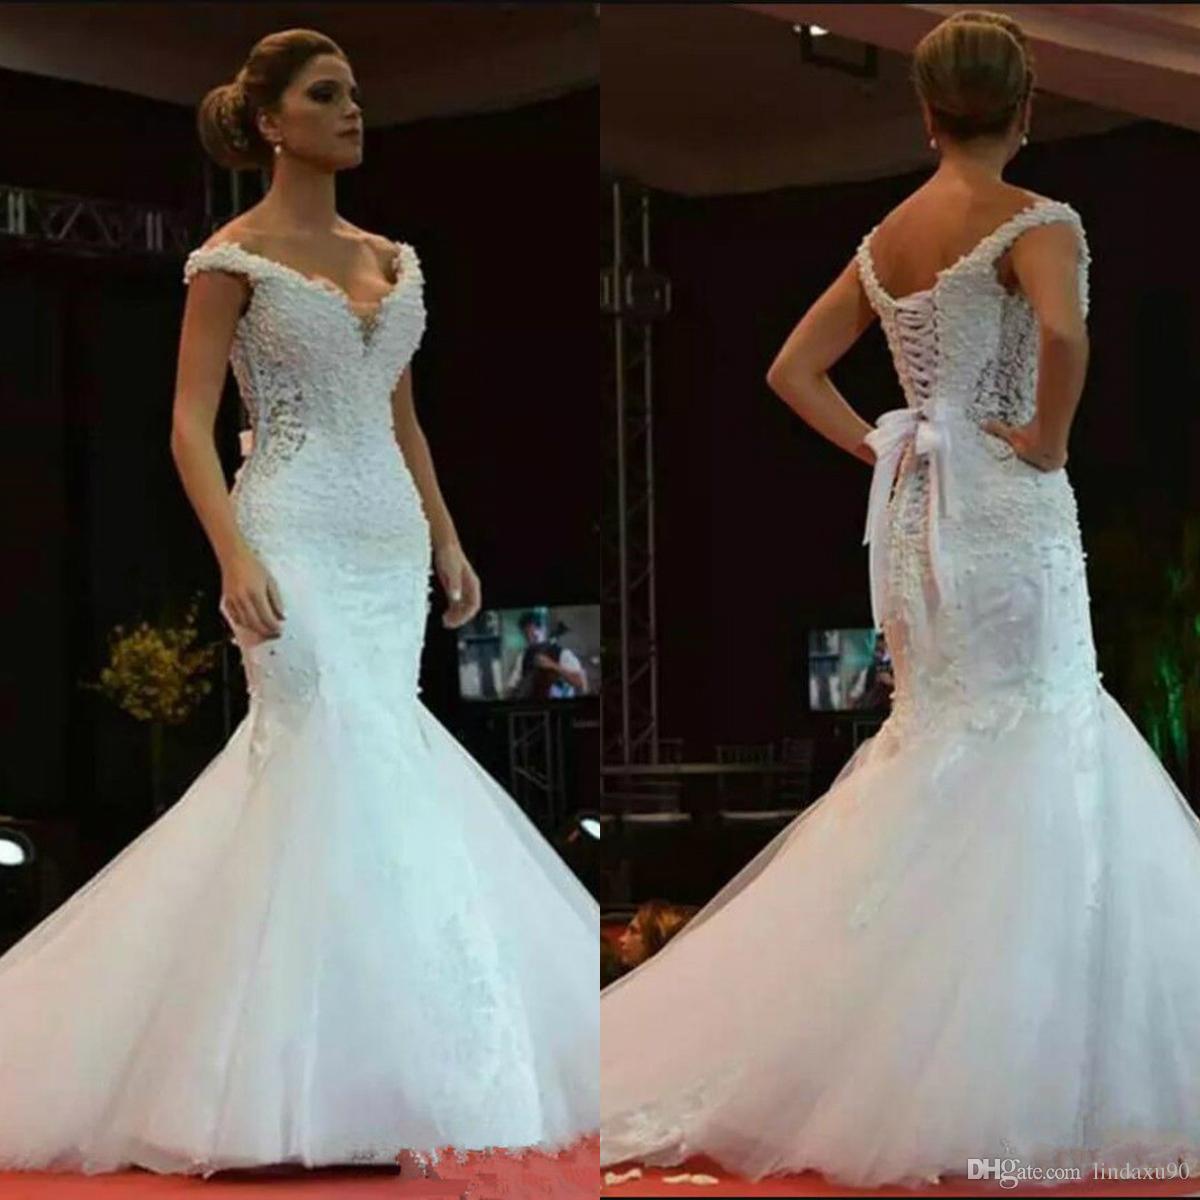 Саудовские африканские очаровательные свадебные свадьбы с бисером свадебные платья с плеча на шнуровке на заднем плане без рукавов свадебные платья 2019 Vestidos